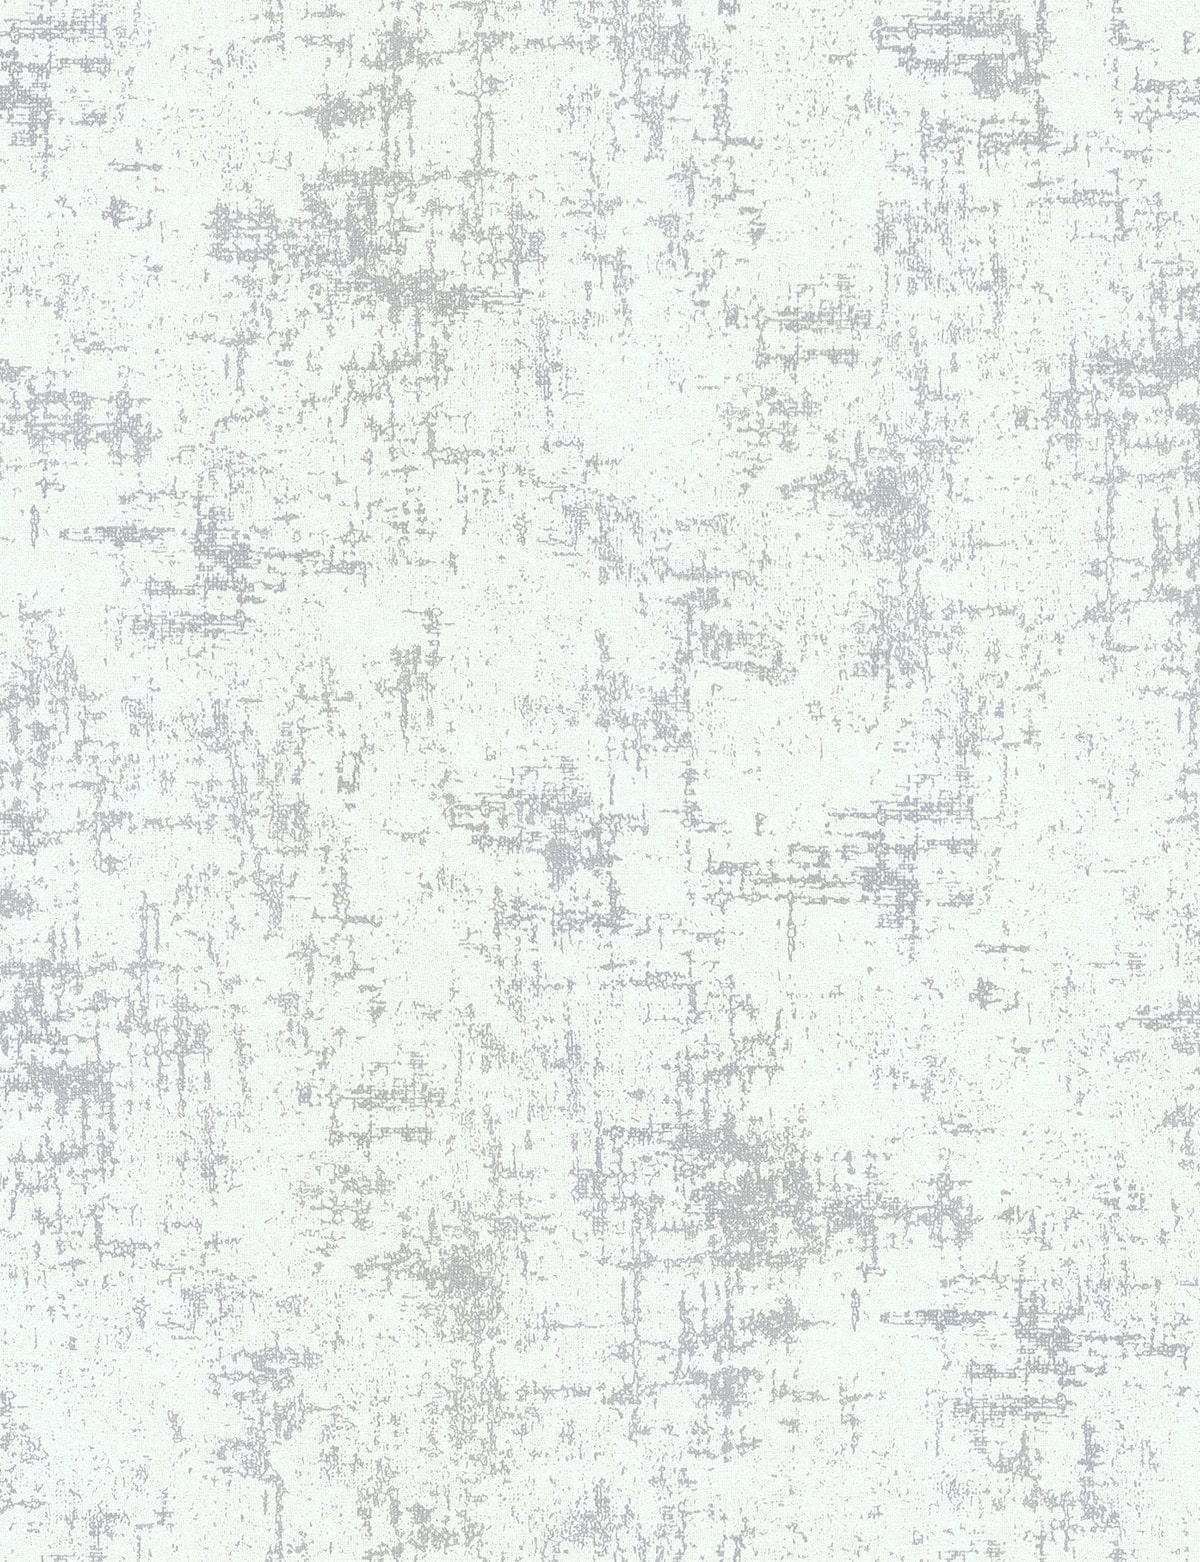 Urban Jungle - Collezione 2 - Unconventional Wallpaper